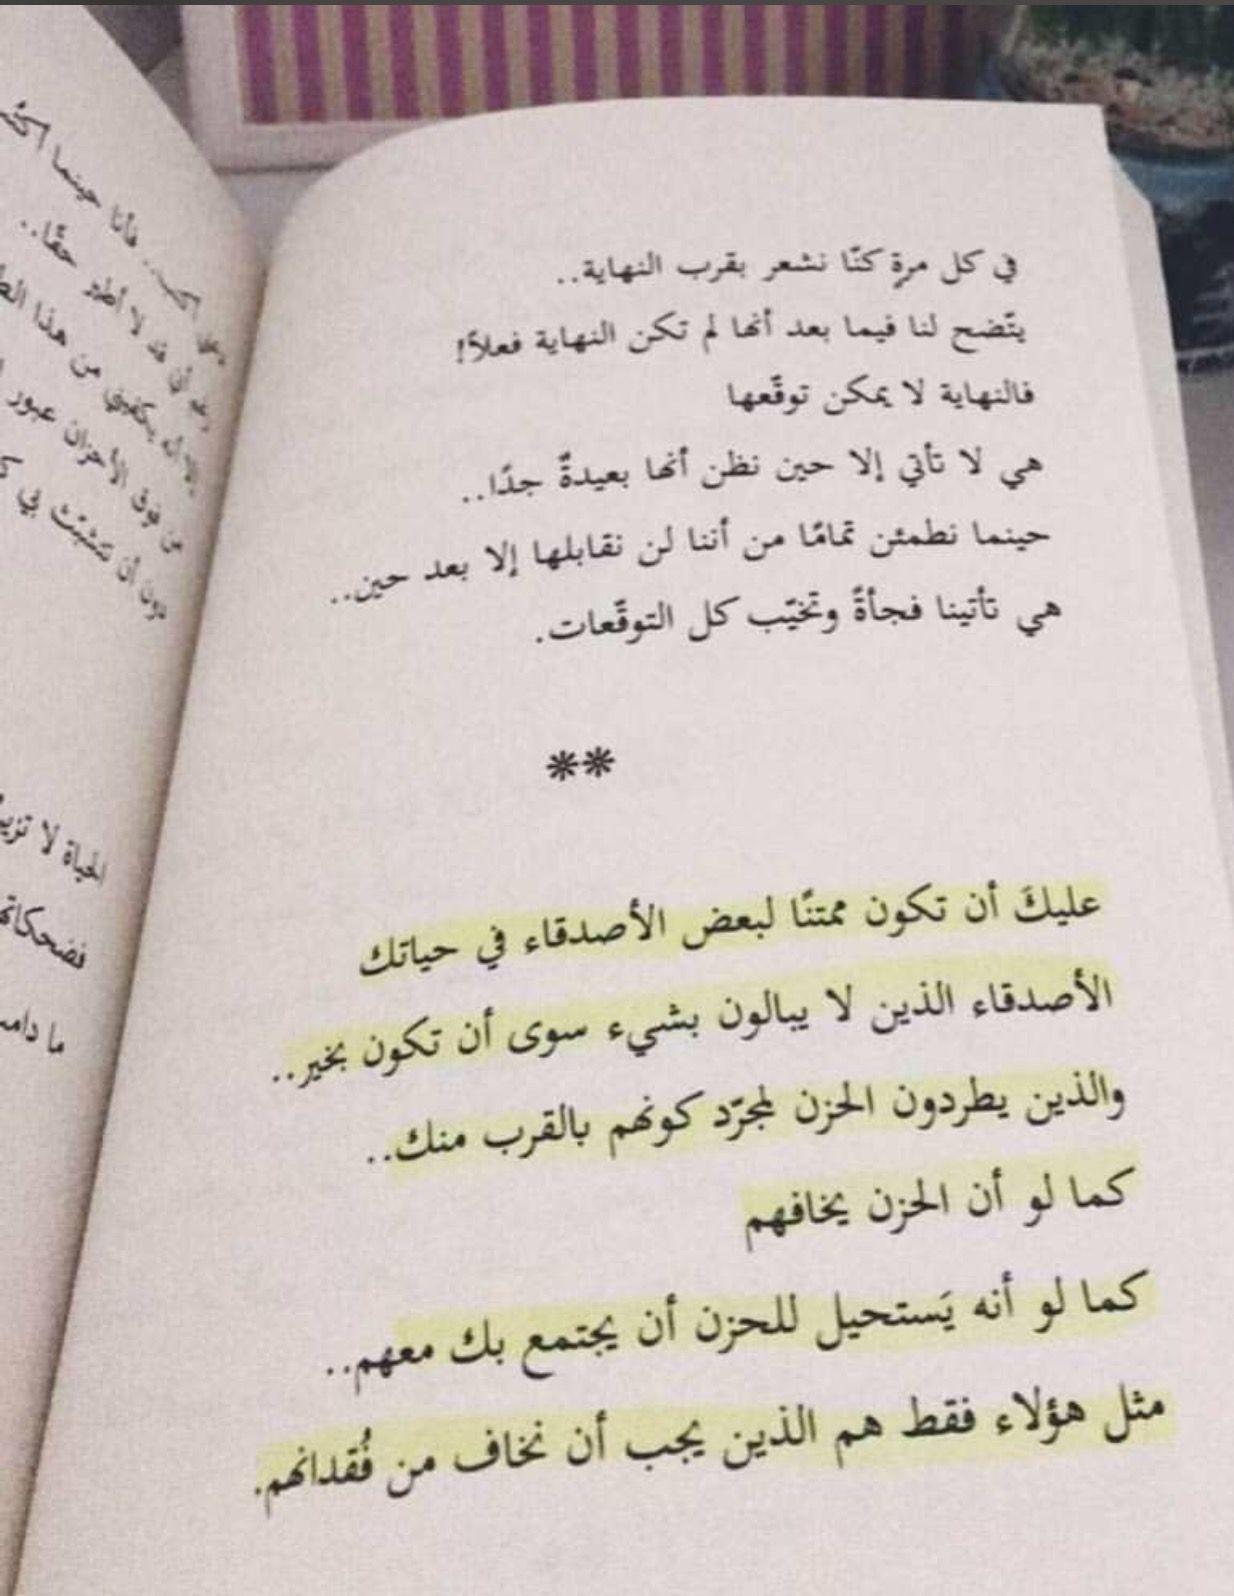 والباقي ي عوض Friends Quotes Arabic Quotes Photo Quotes